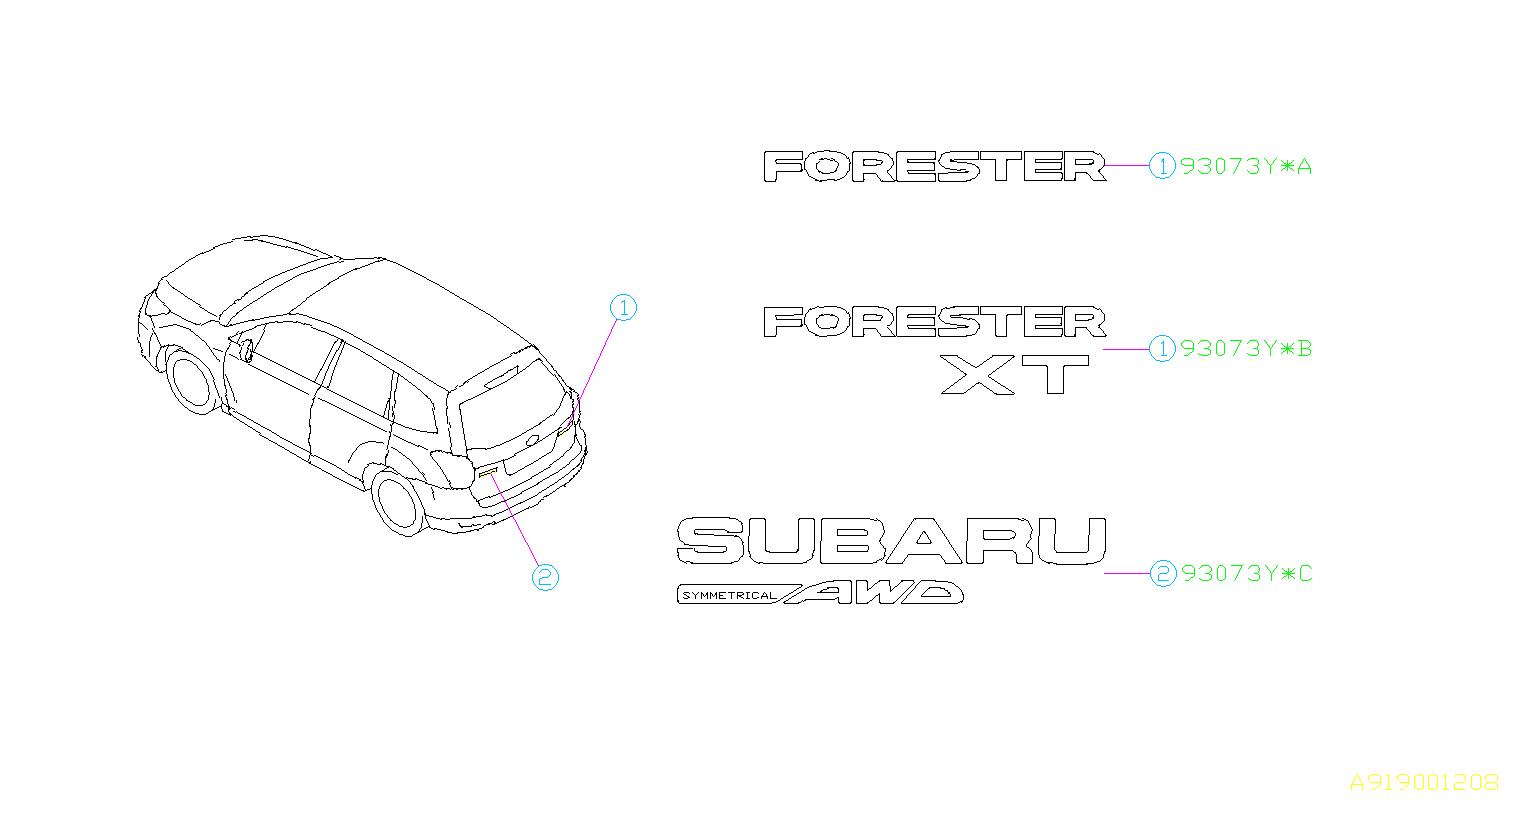 Subaru Forester Letter mark sbr. (rear). Subaru+awd. Body